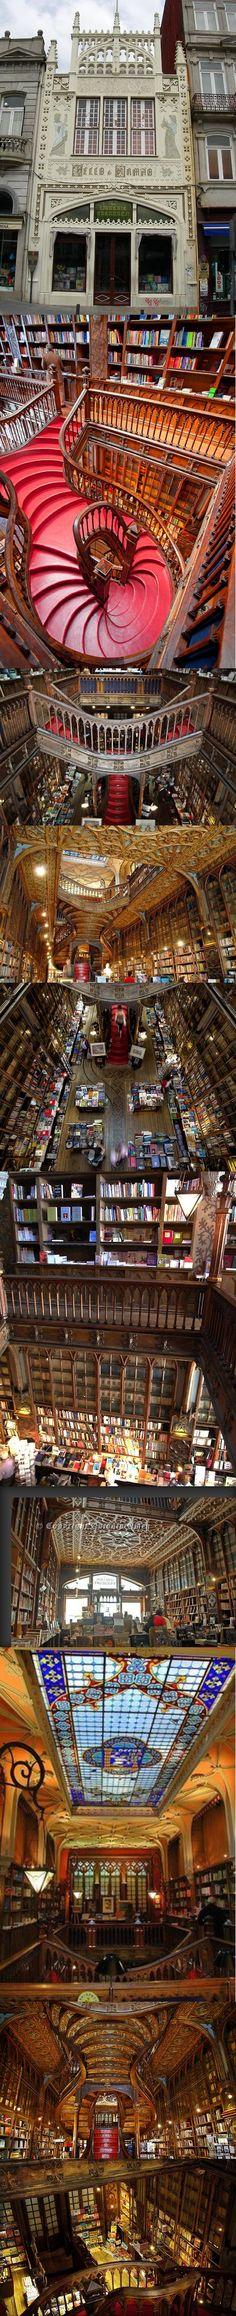 Inside Livraria llello & Iirmão in Porto, Portugal  (via classiclibrarian)